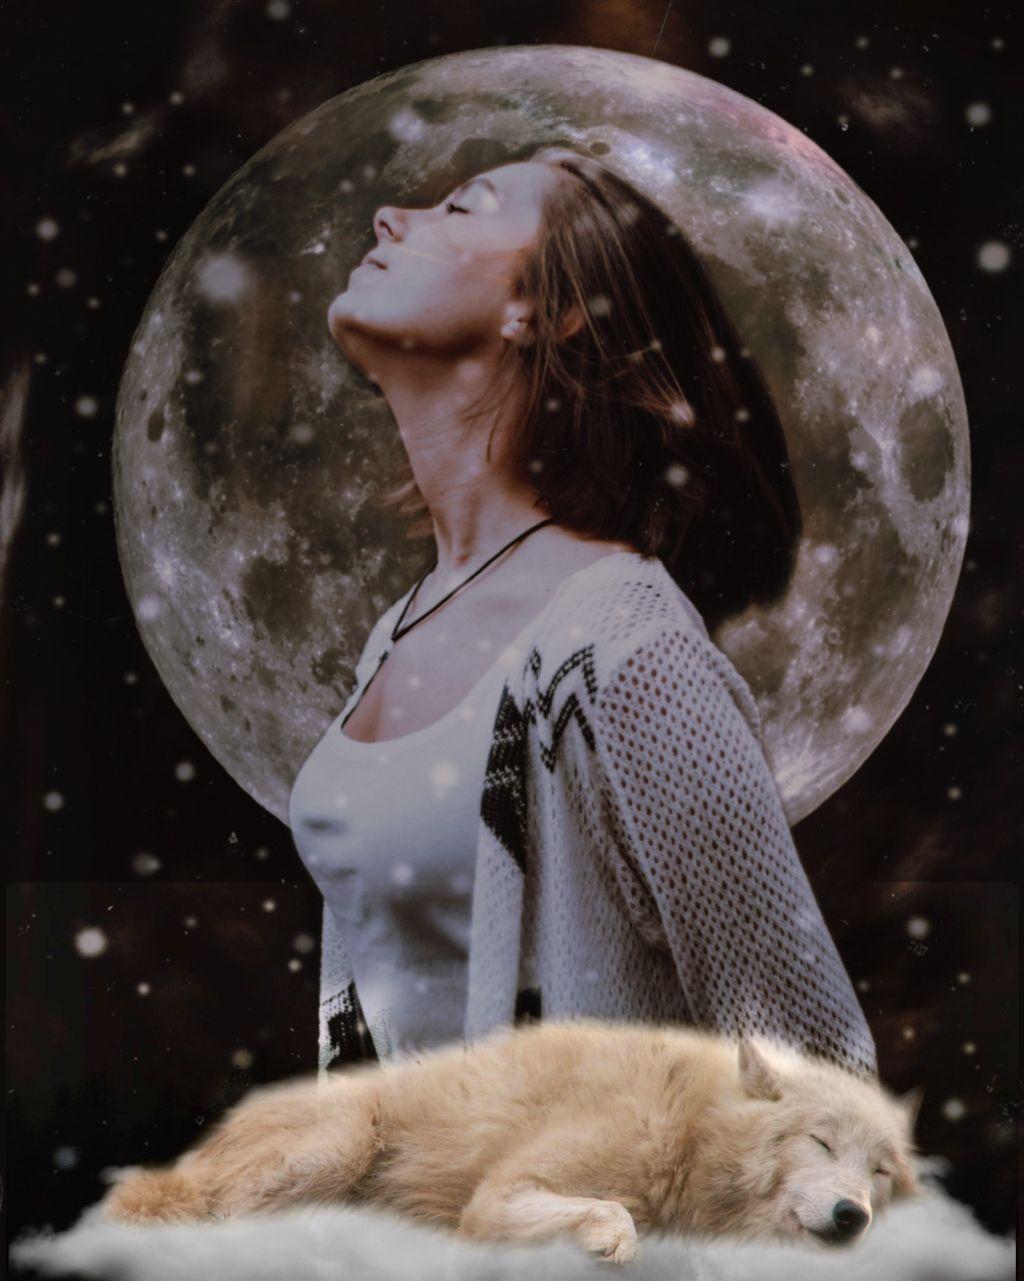 #freetoedit #woman #wolf #sleeping #galaxy #picsarteffects